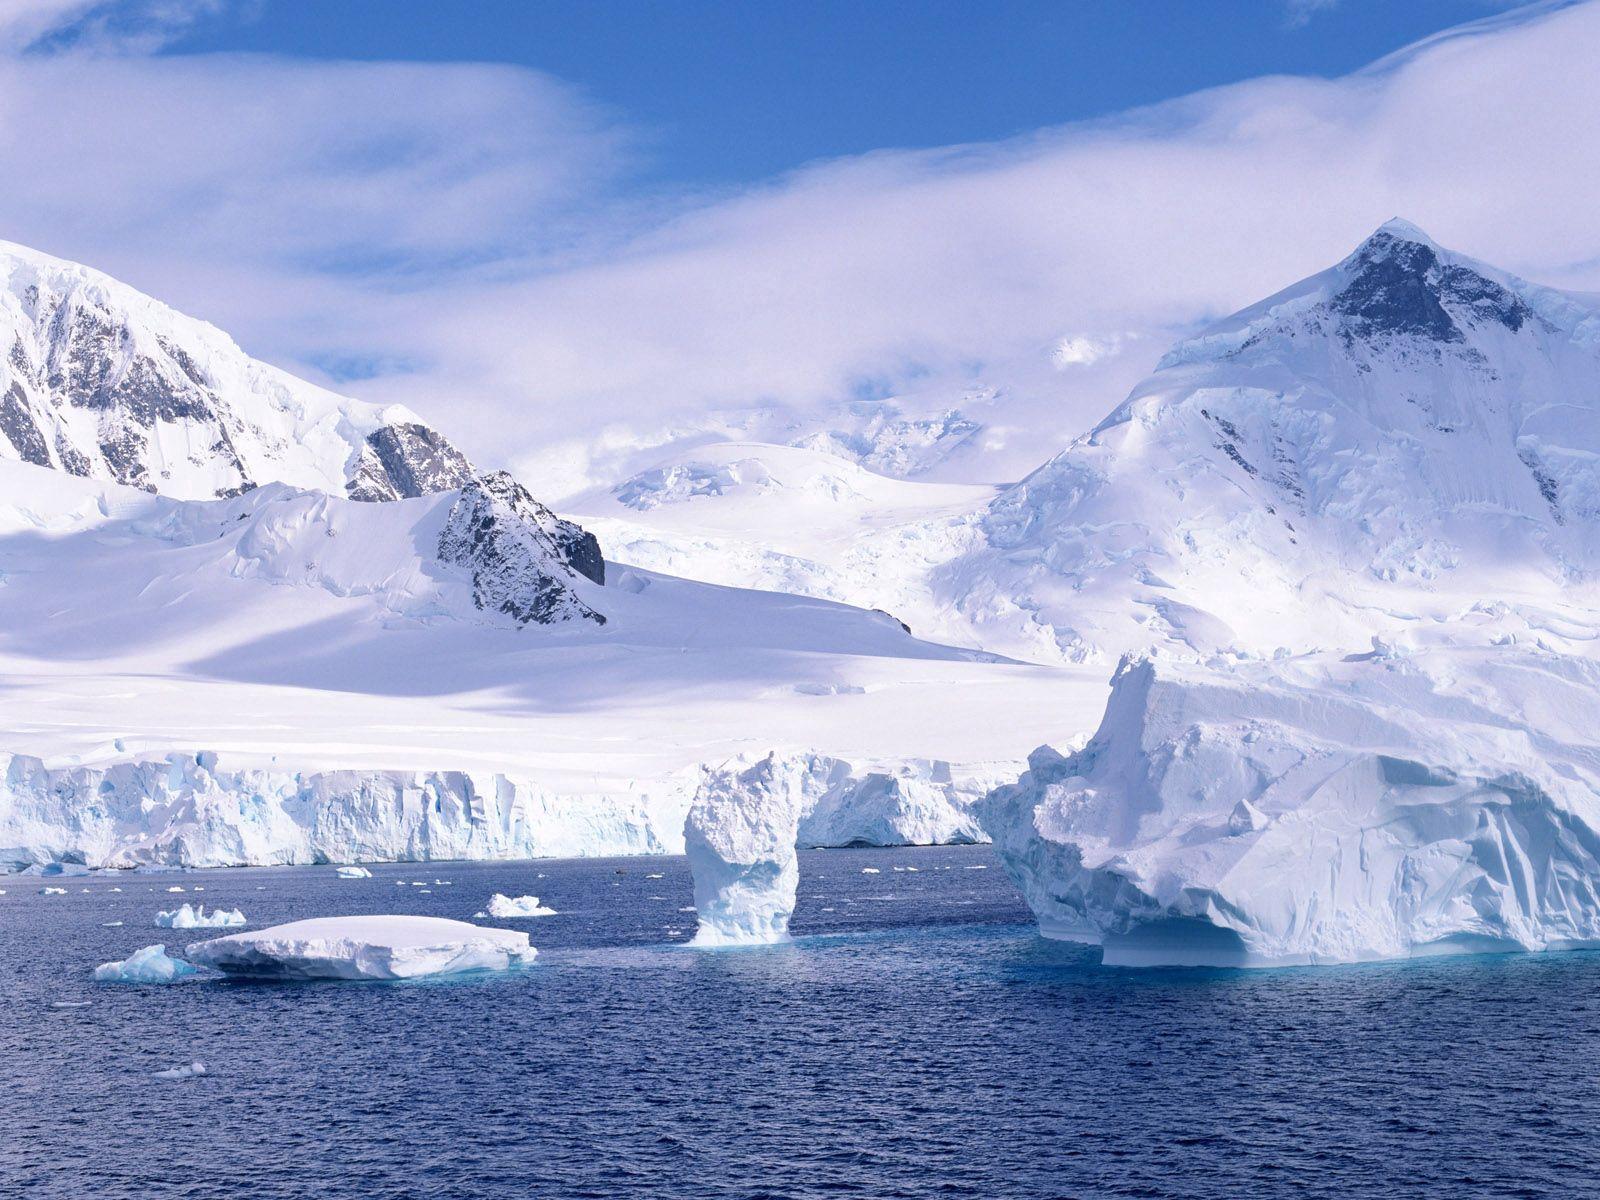 130767 скачать обои Природа, Снег, Лед, Холод, Океан, Айсберг, Осколки, Белый, Горы - заставки и картинки бесплатно